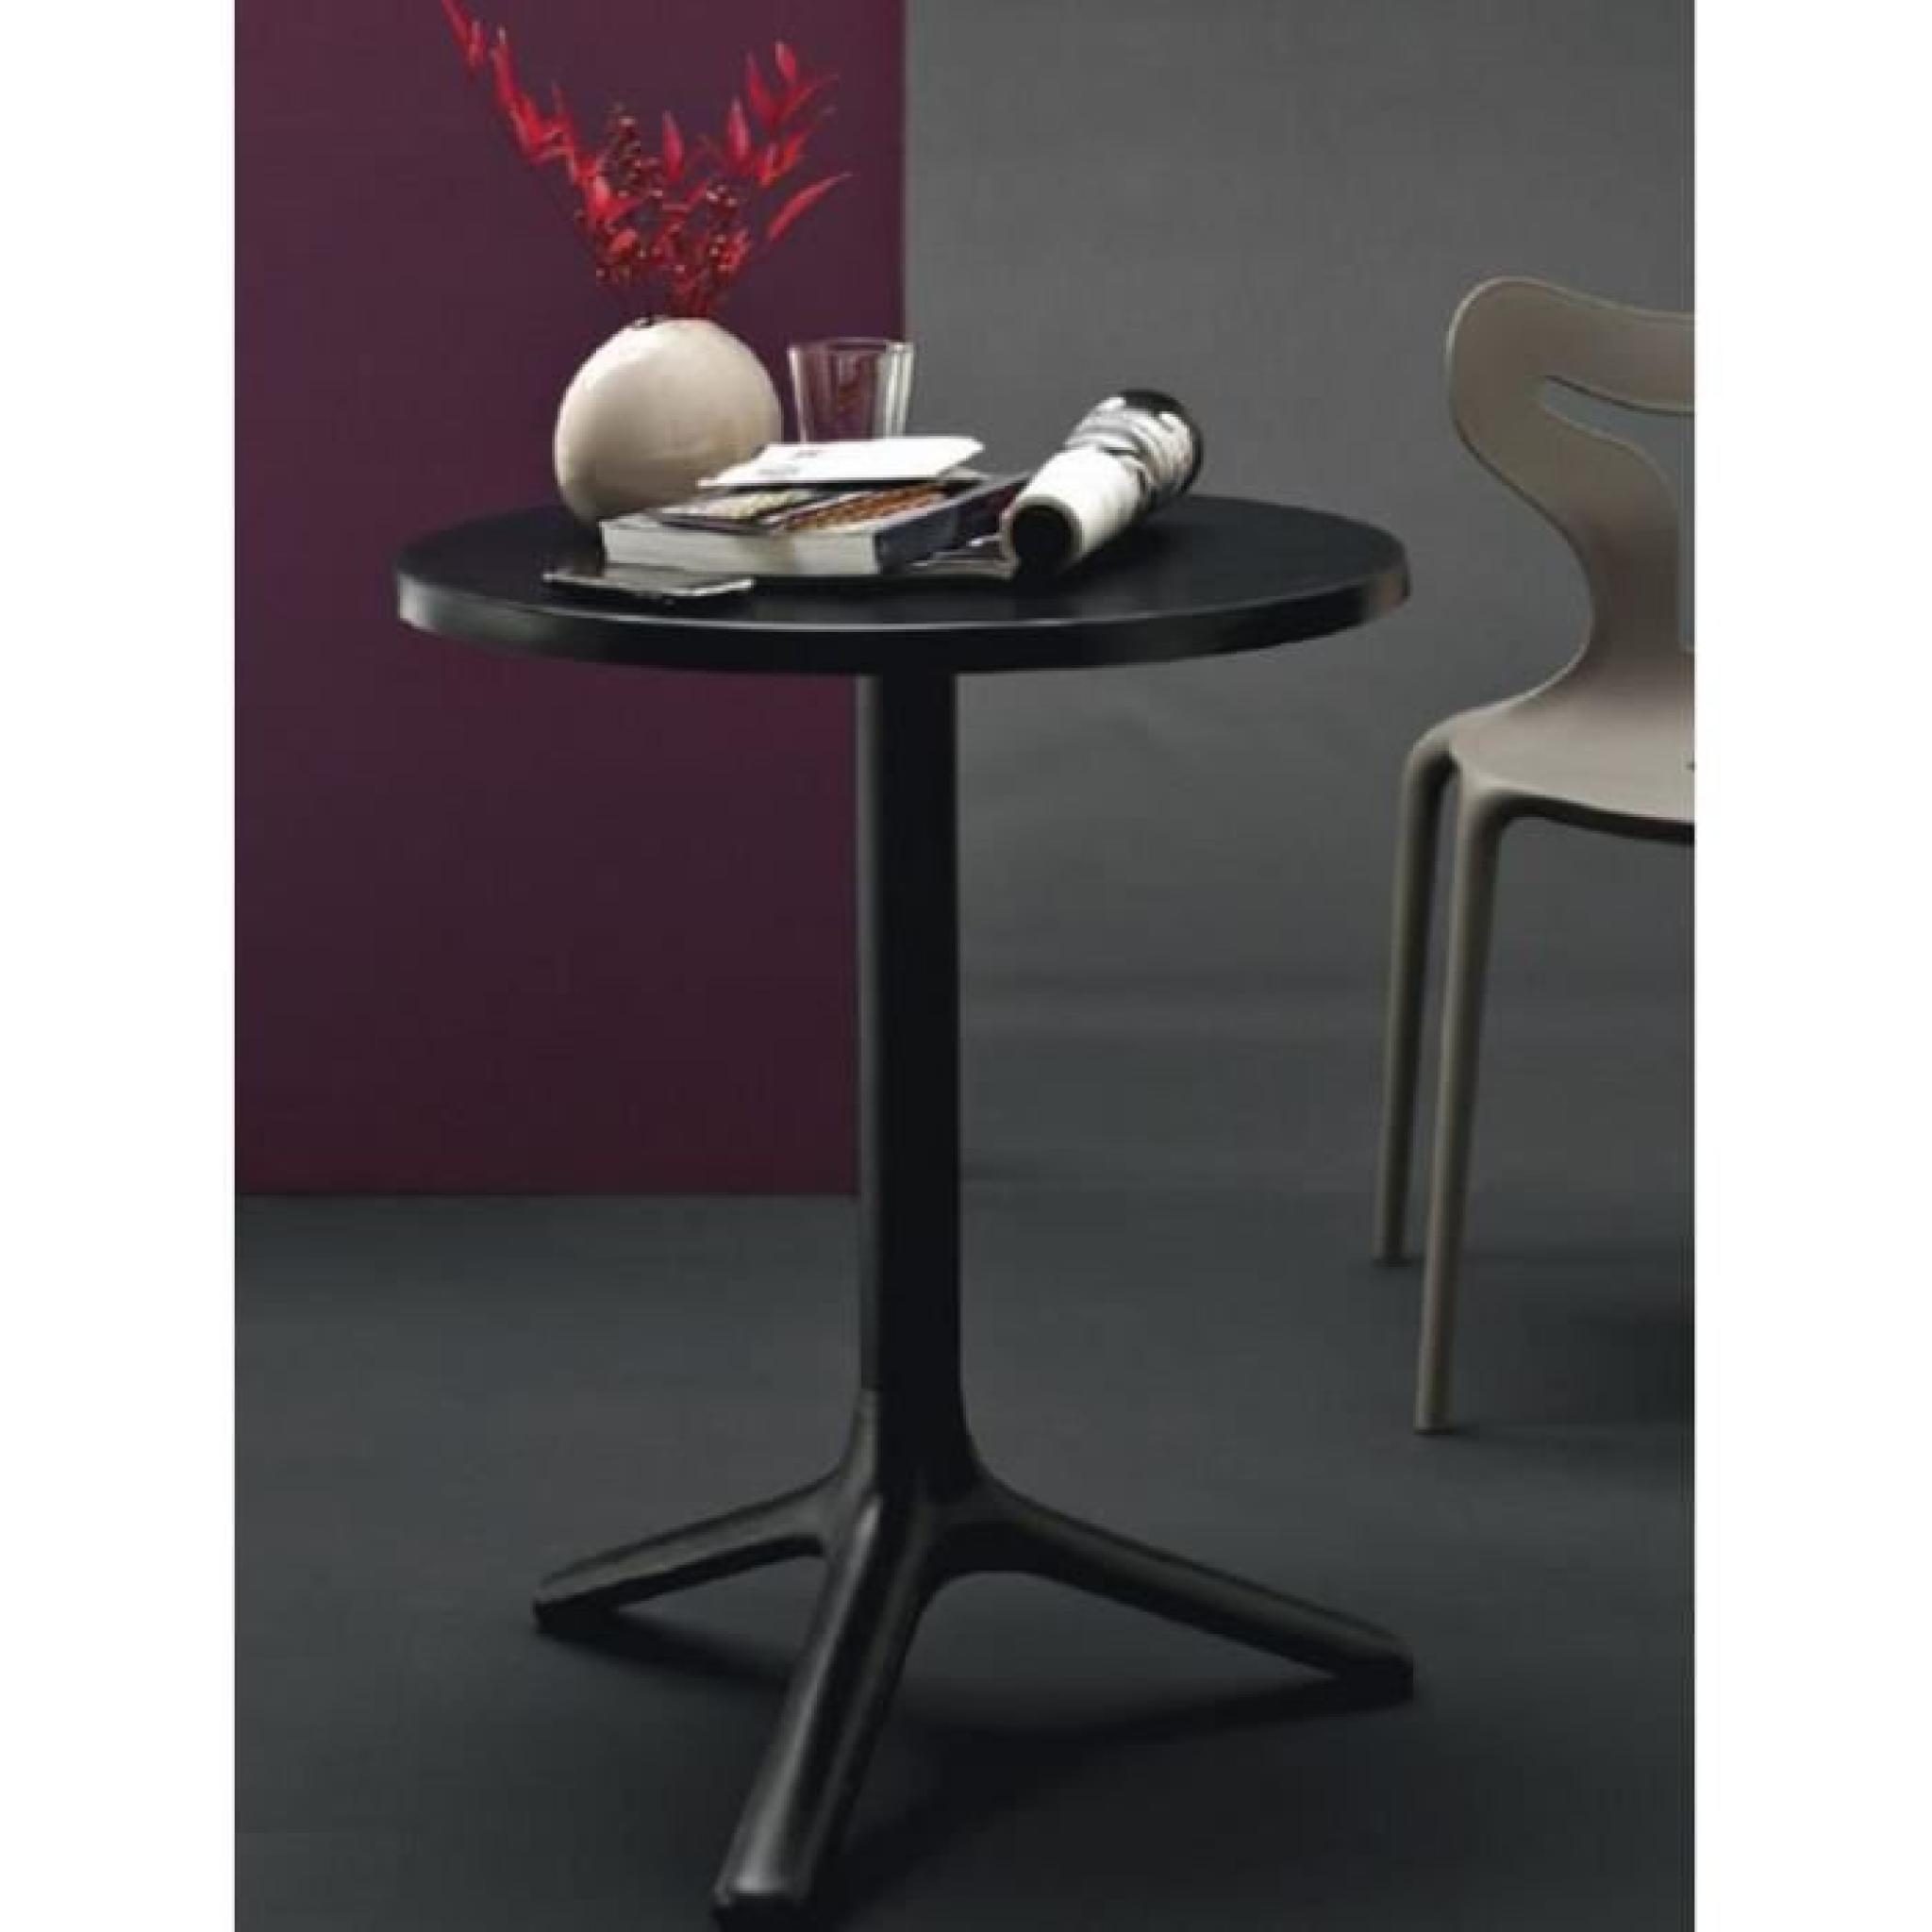 Petite Table Ronde Area T 60x60 Noire De Calligaris Achat Vente